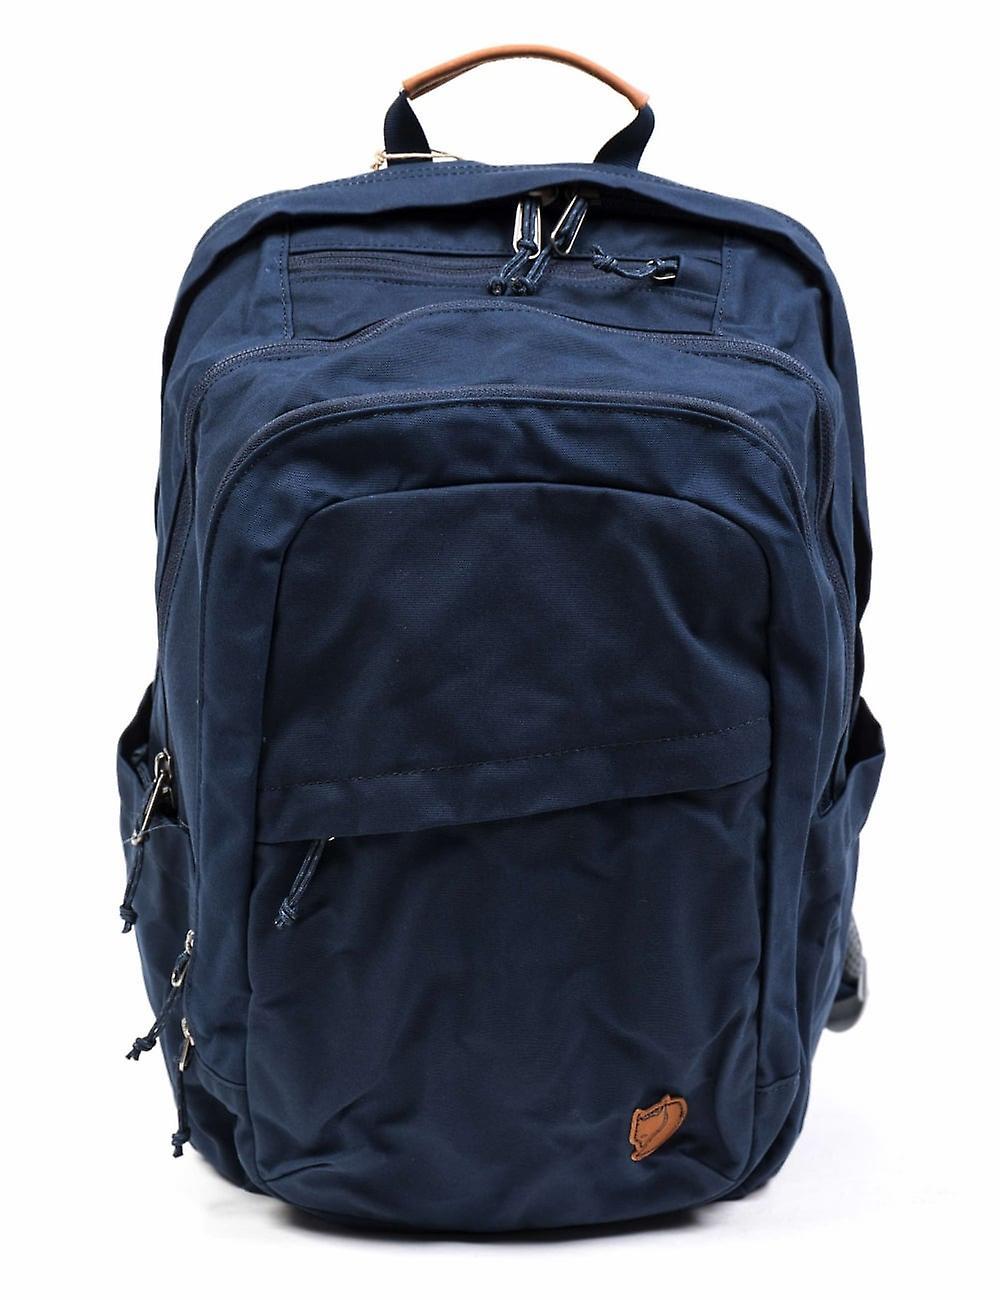 Fjallraven Raven 28l Backpack - Navy